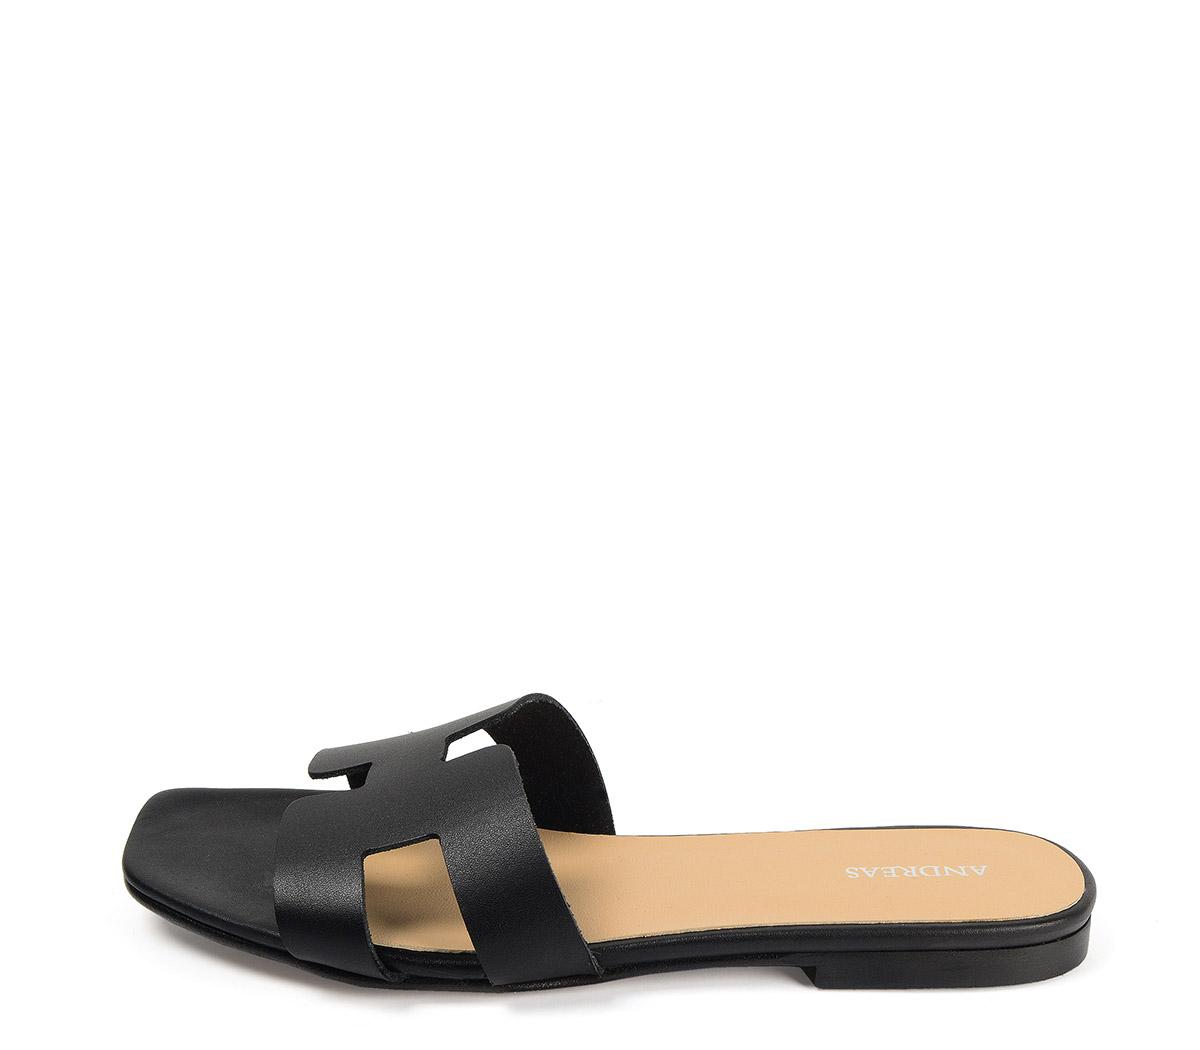 Ref: 3794 Sandalia plana de piel negra con pala en forma de H. Puntera cuadrada.